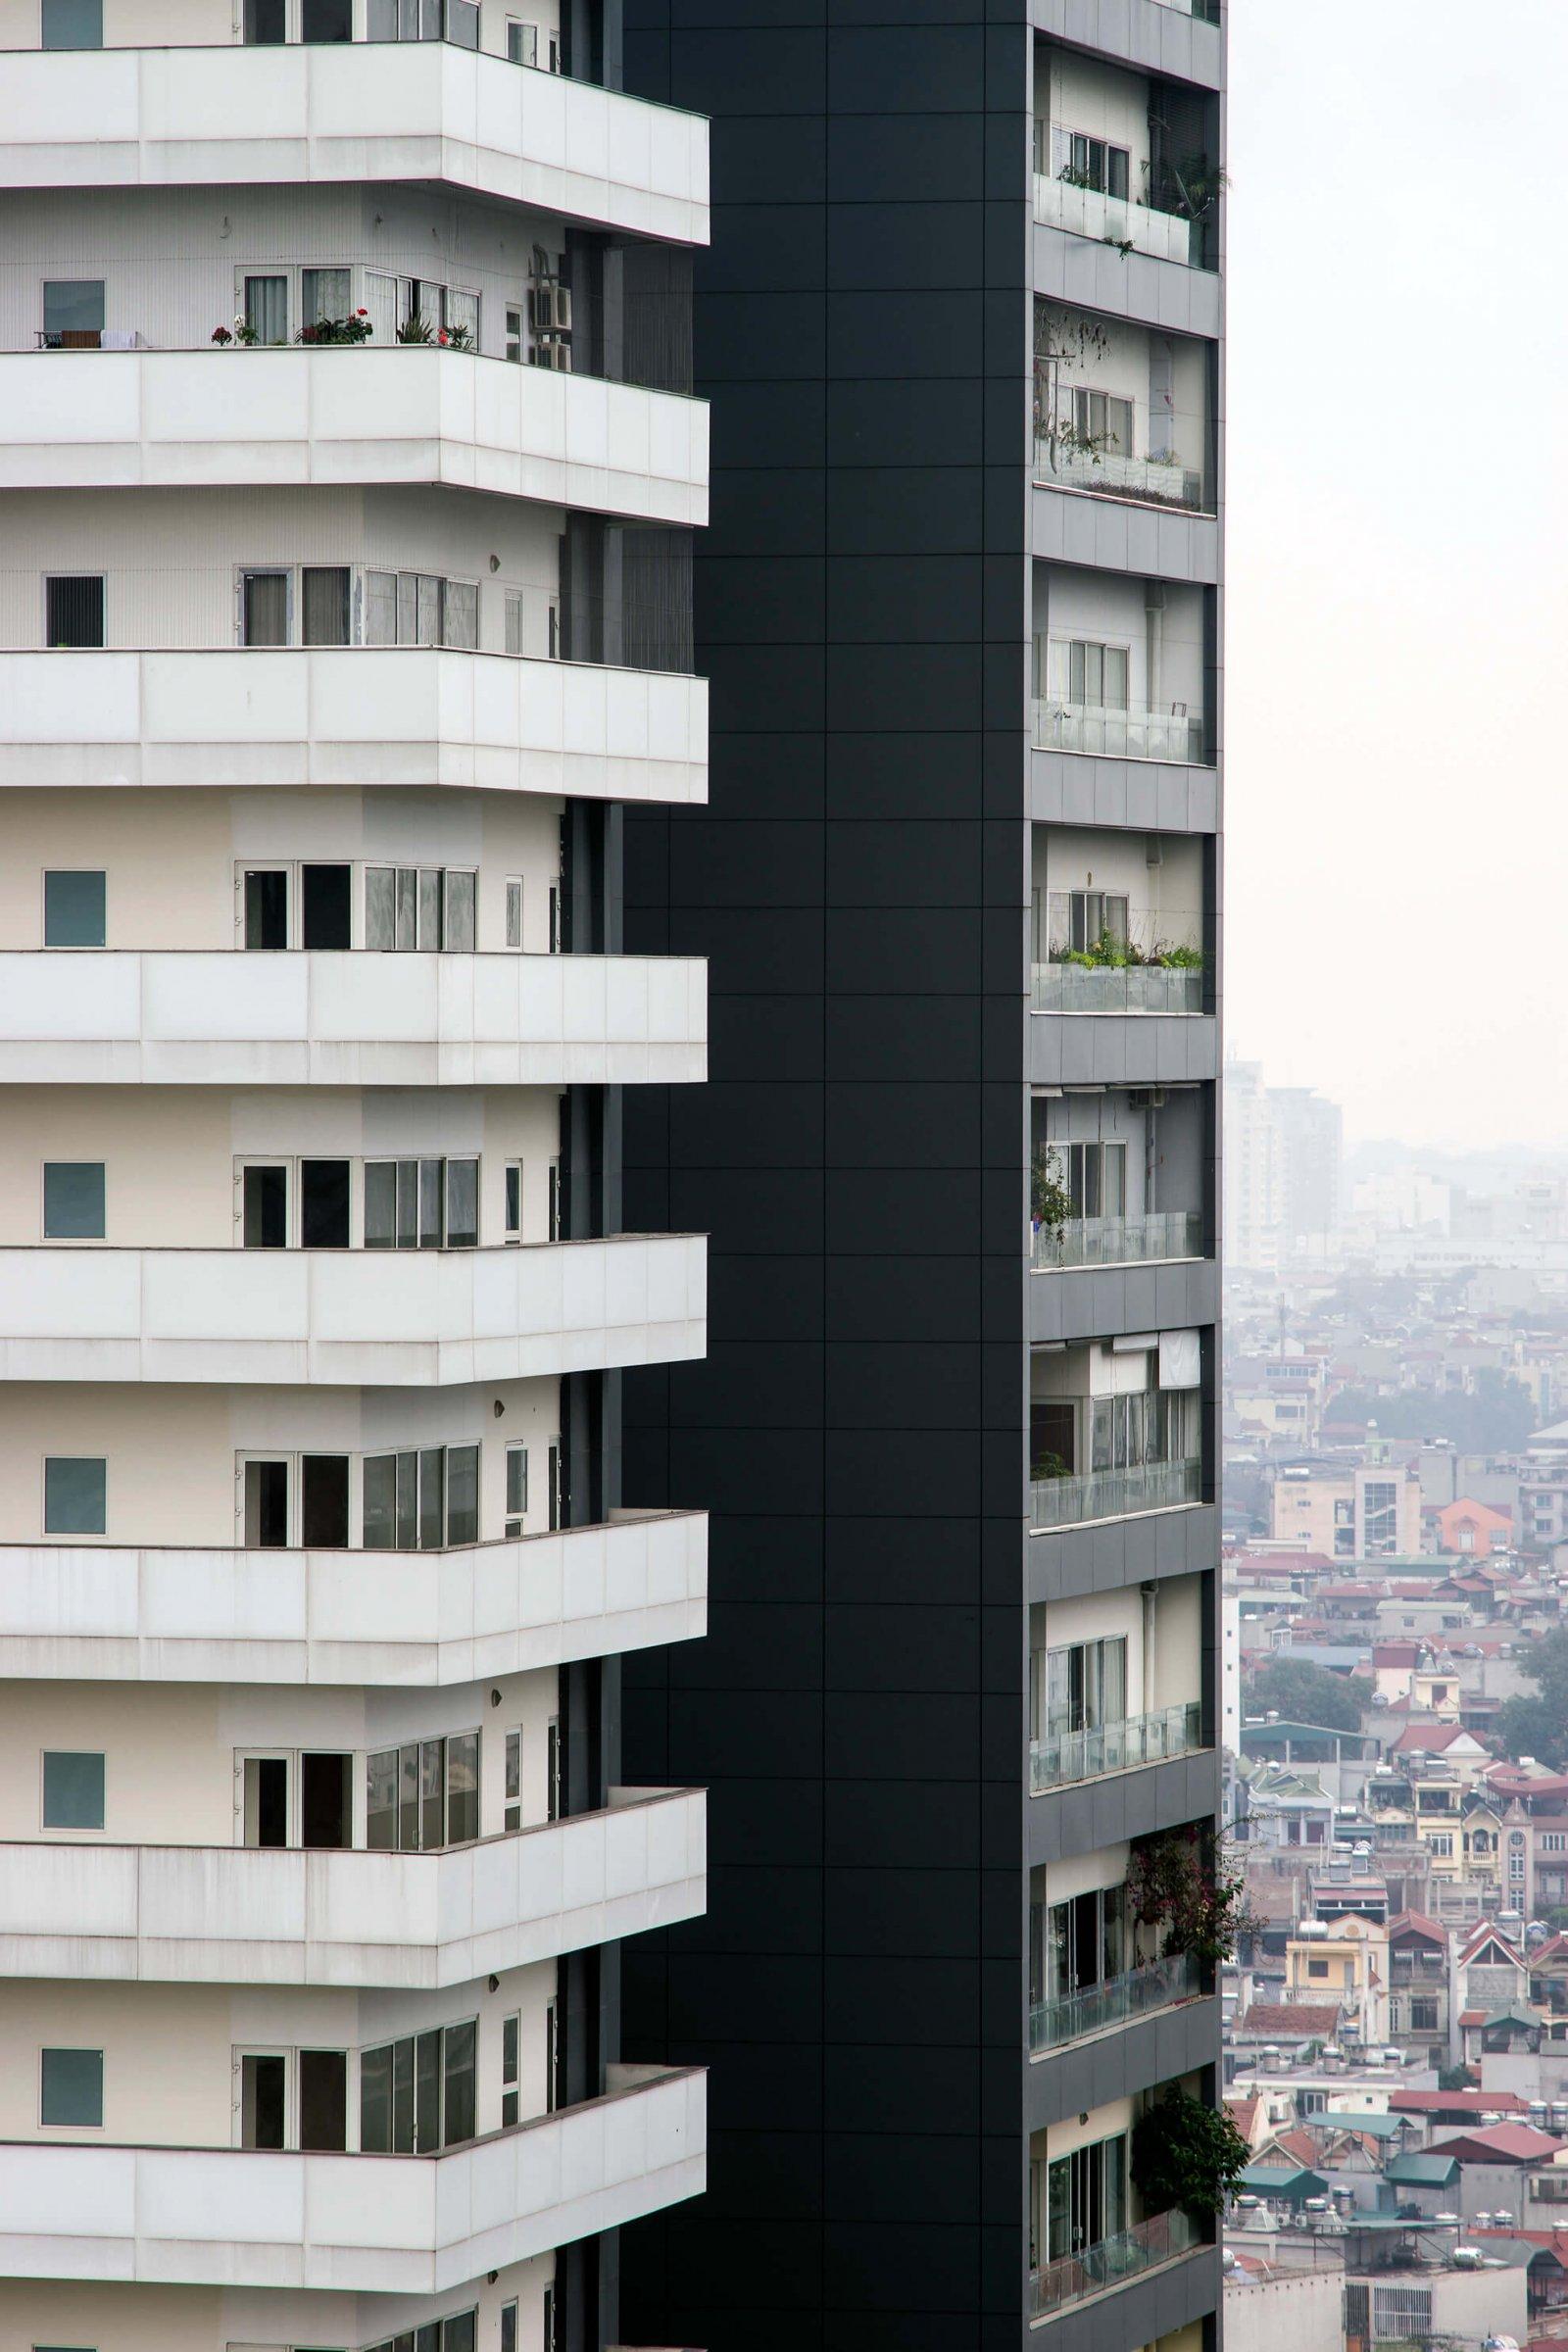 Tower facade